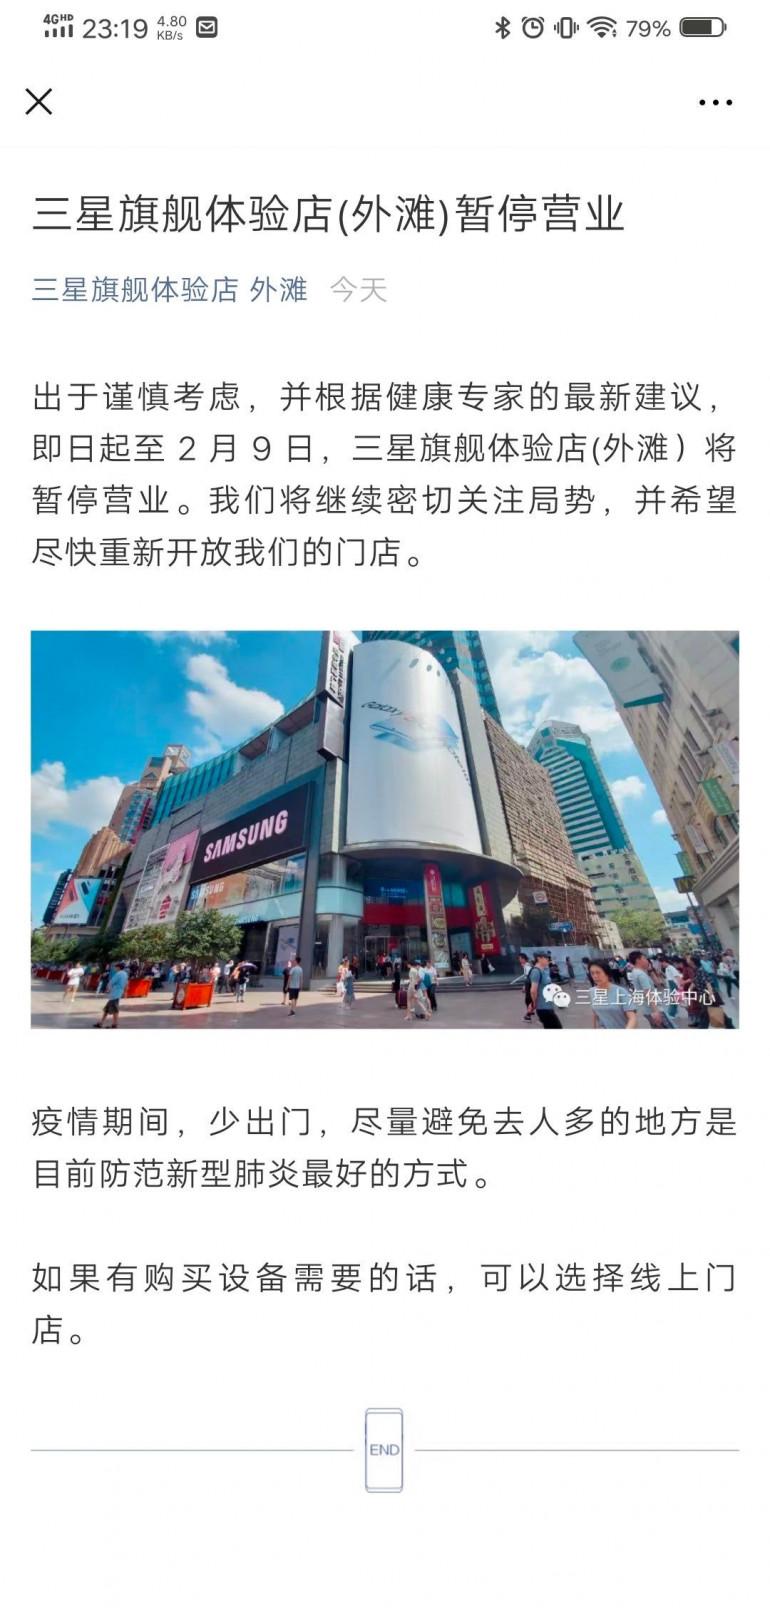 Samsung закрывает свой флагманский магазин в Китае!